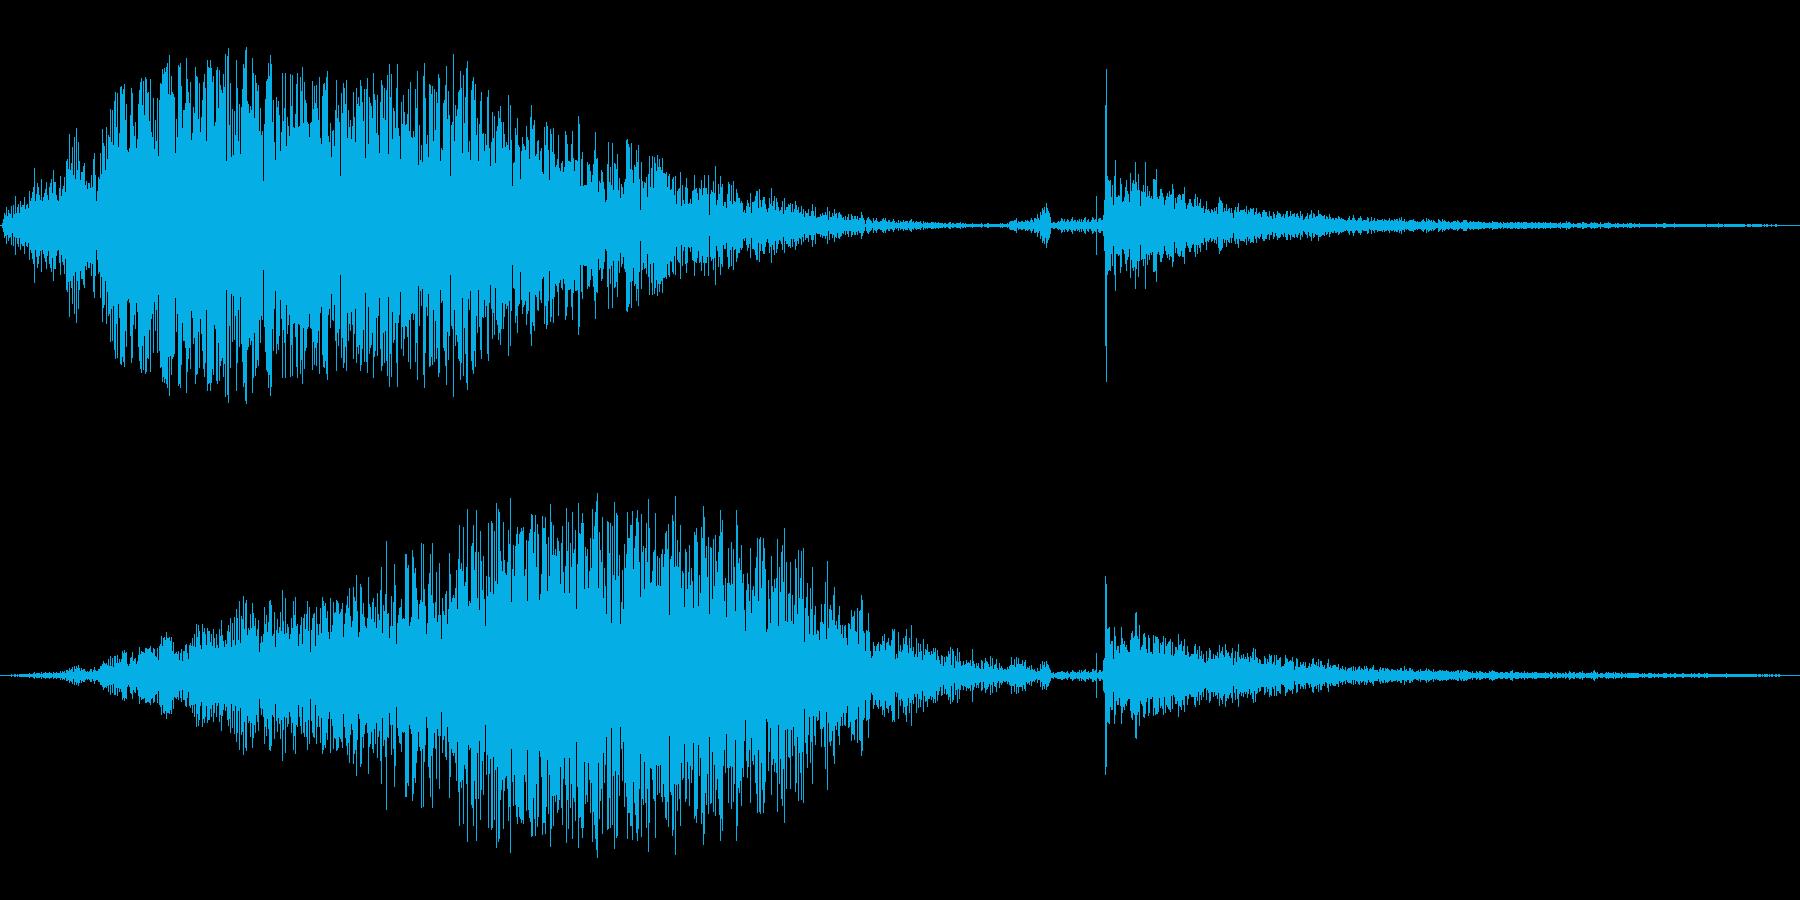 ジェット機が通過する音と衝撃音の再生済みの波形